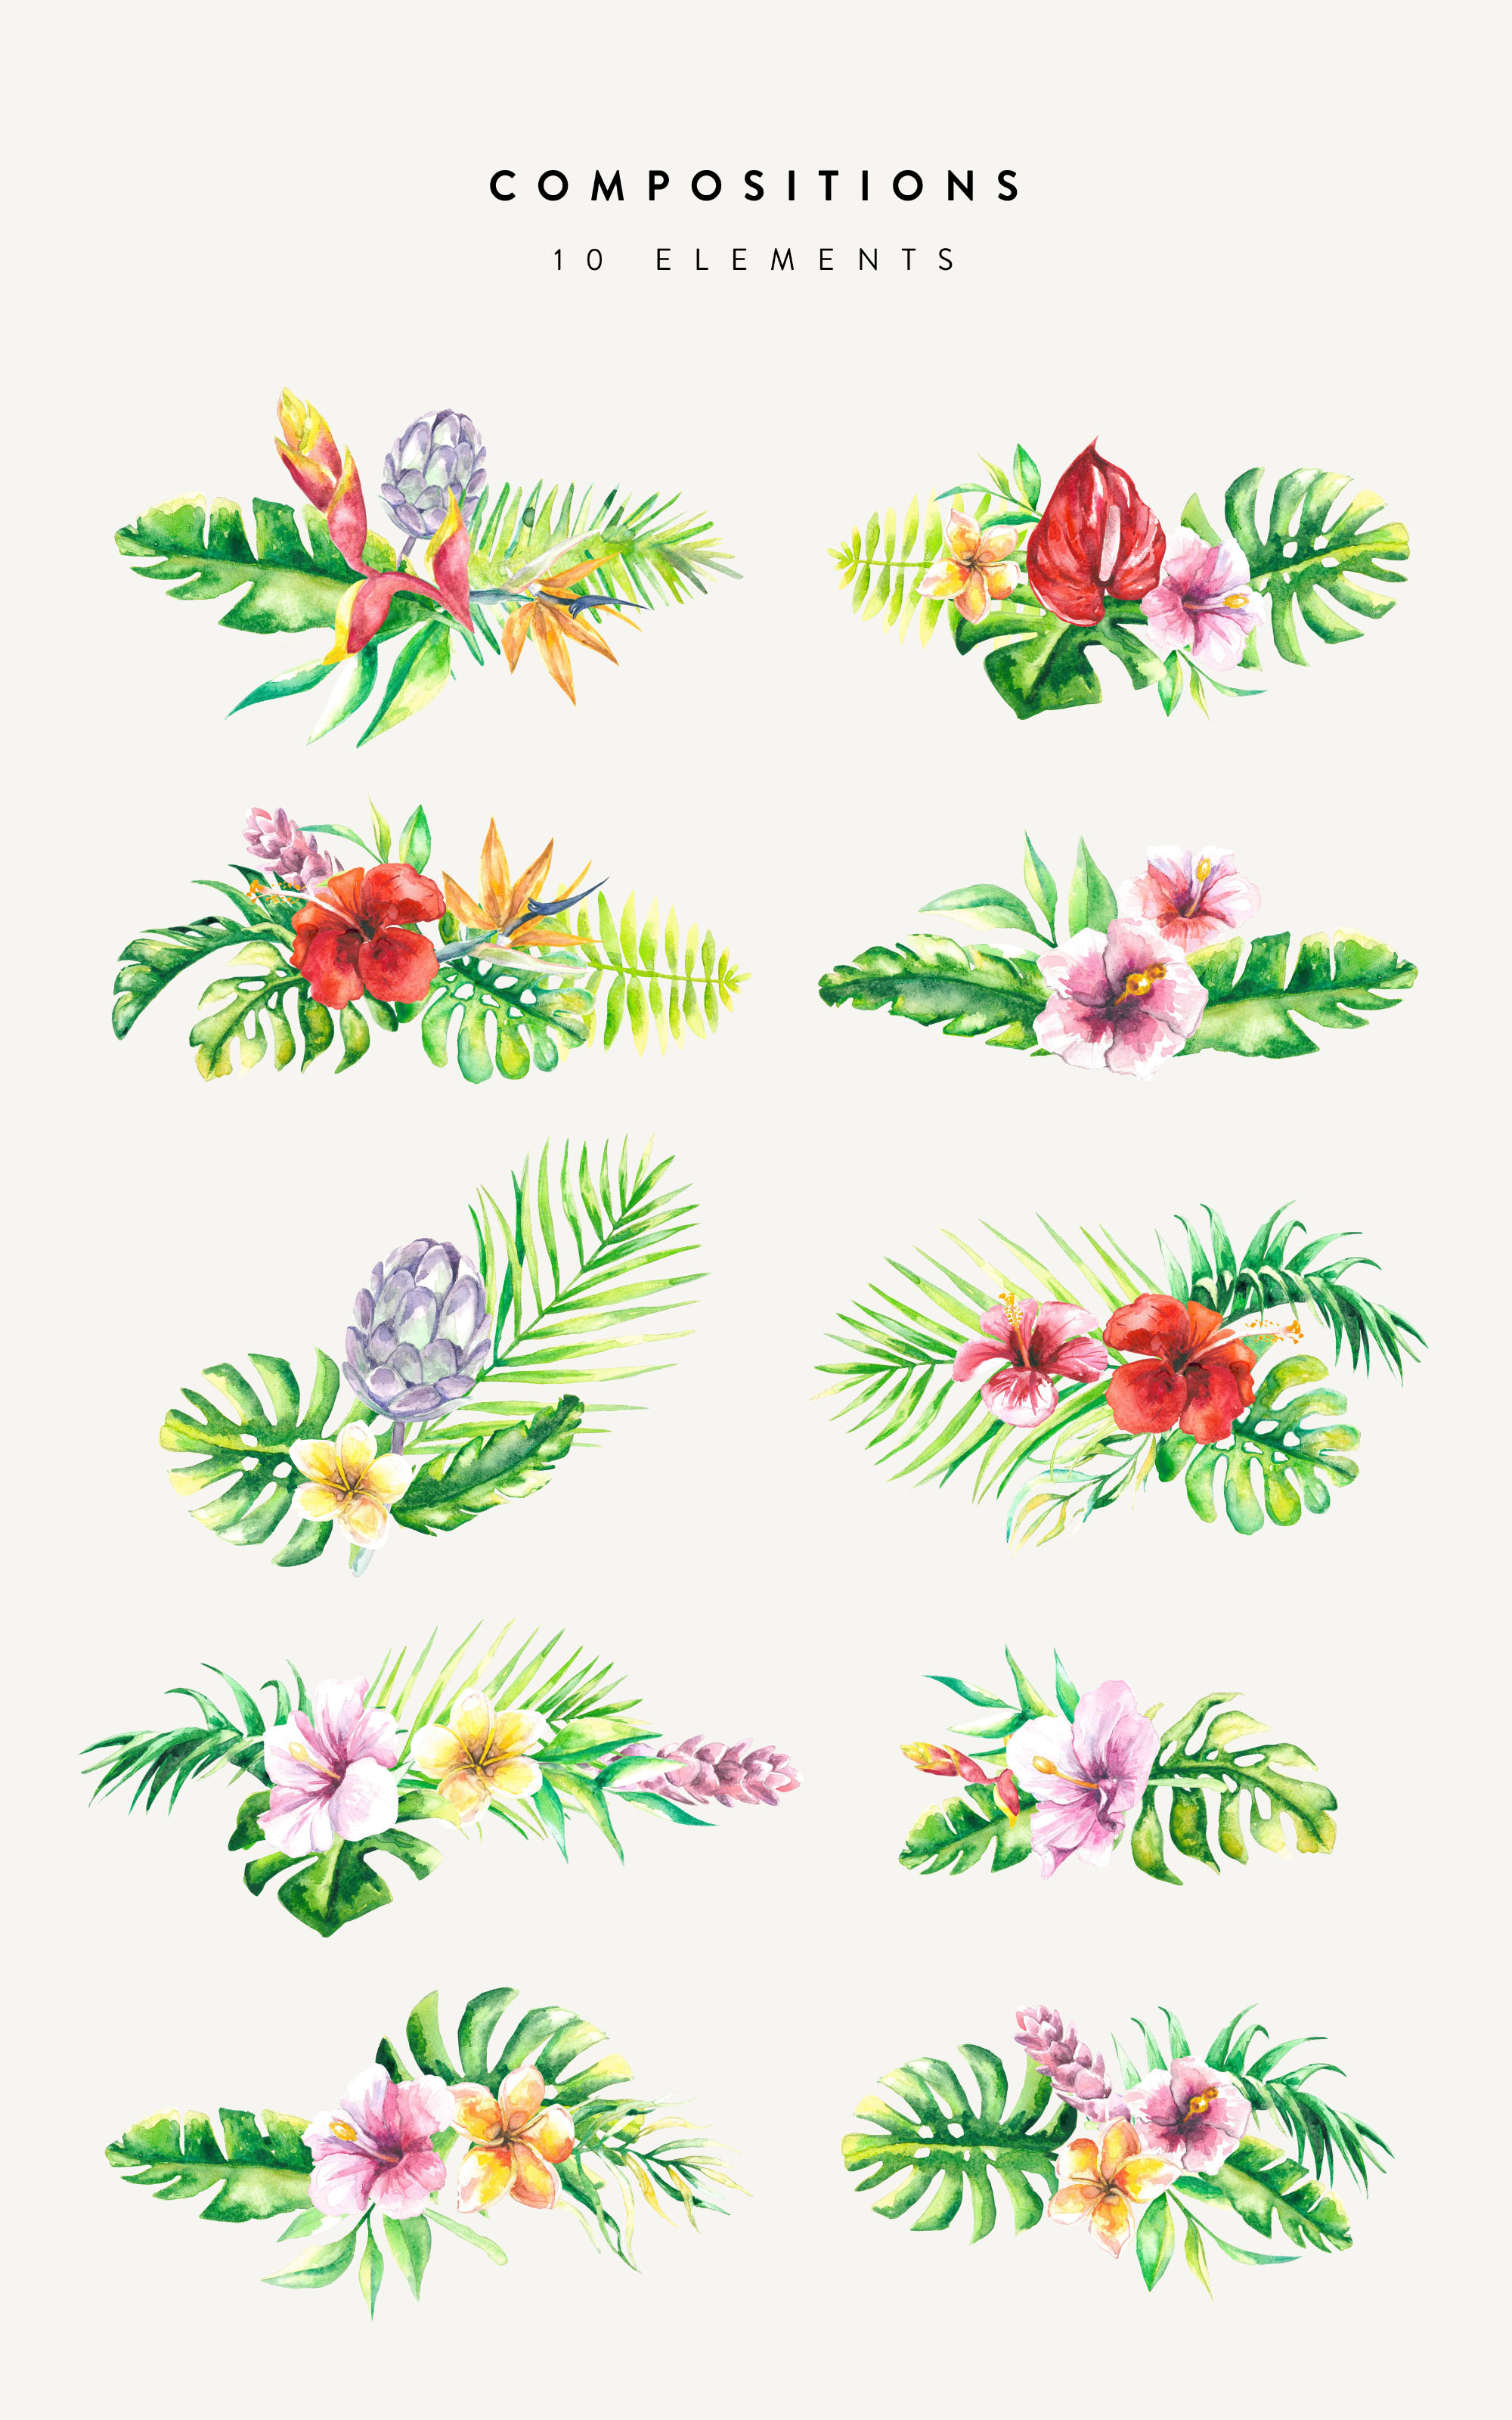 Floral Design Compositions